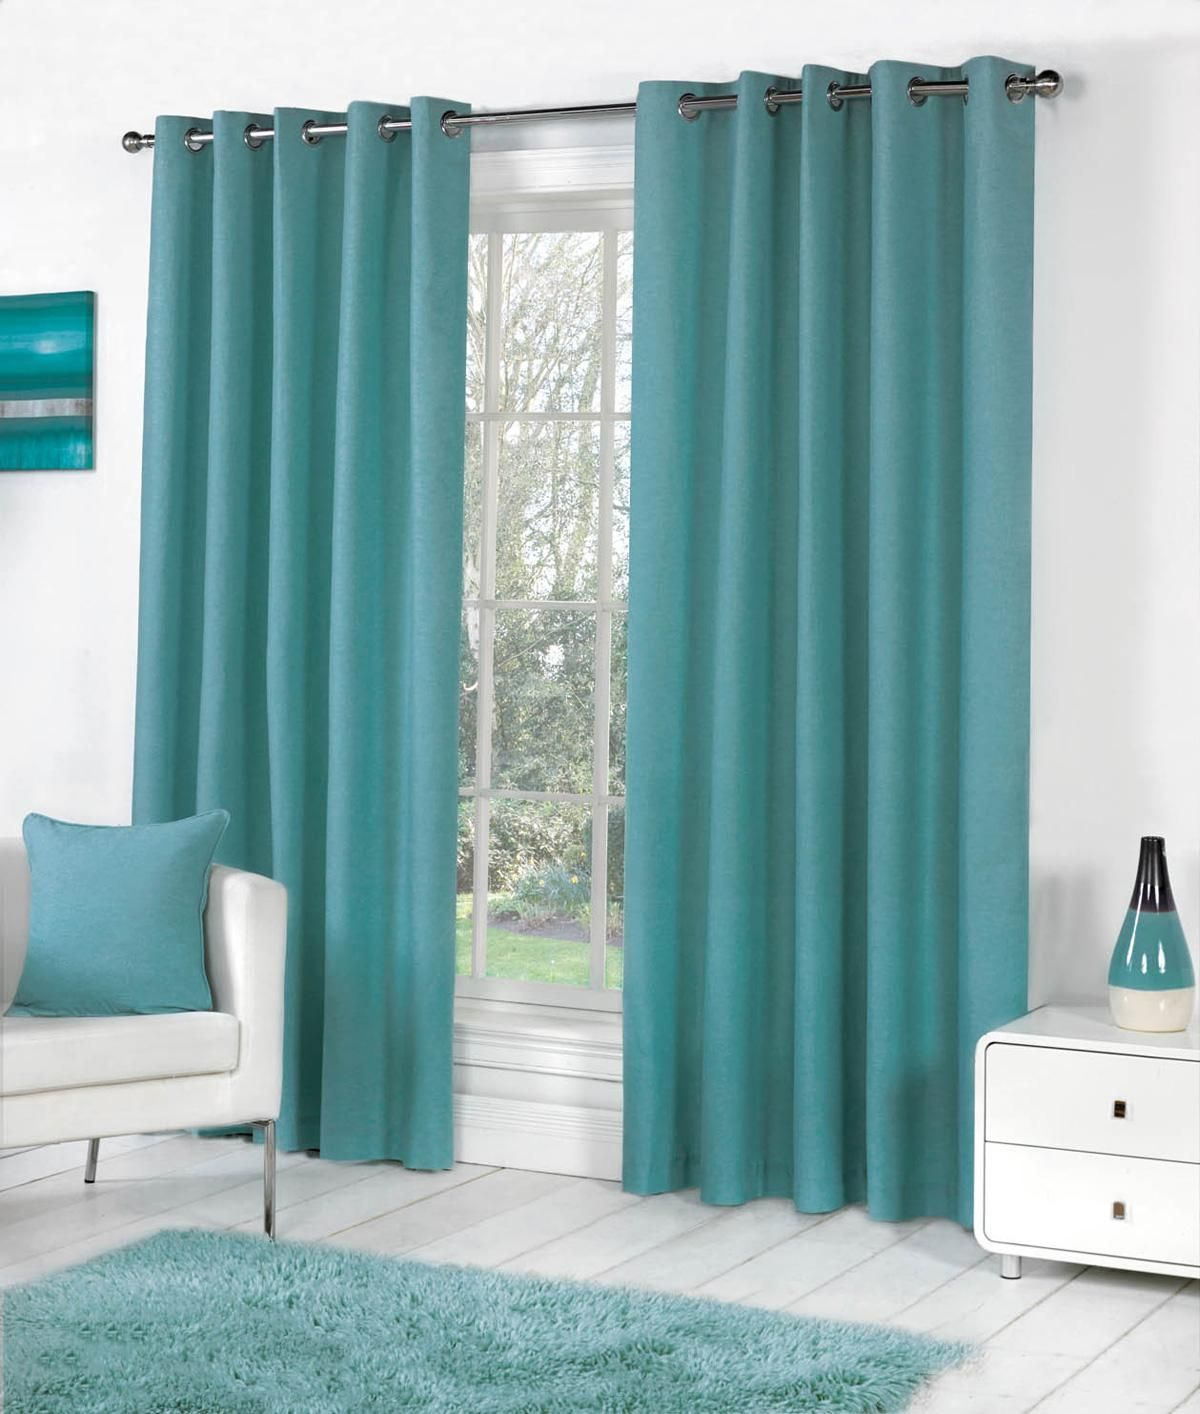 images of full length teal coloured designer curtains. Black Bedroom Furniture Sets. Home Design Ideas